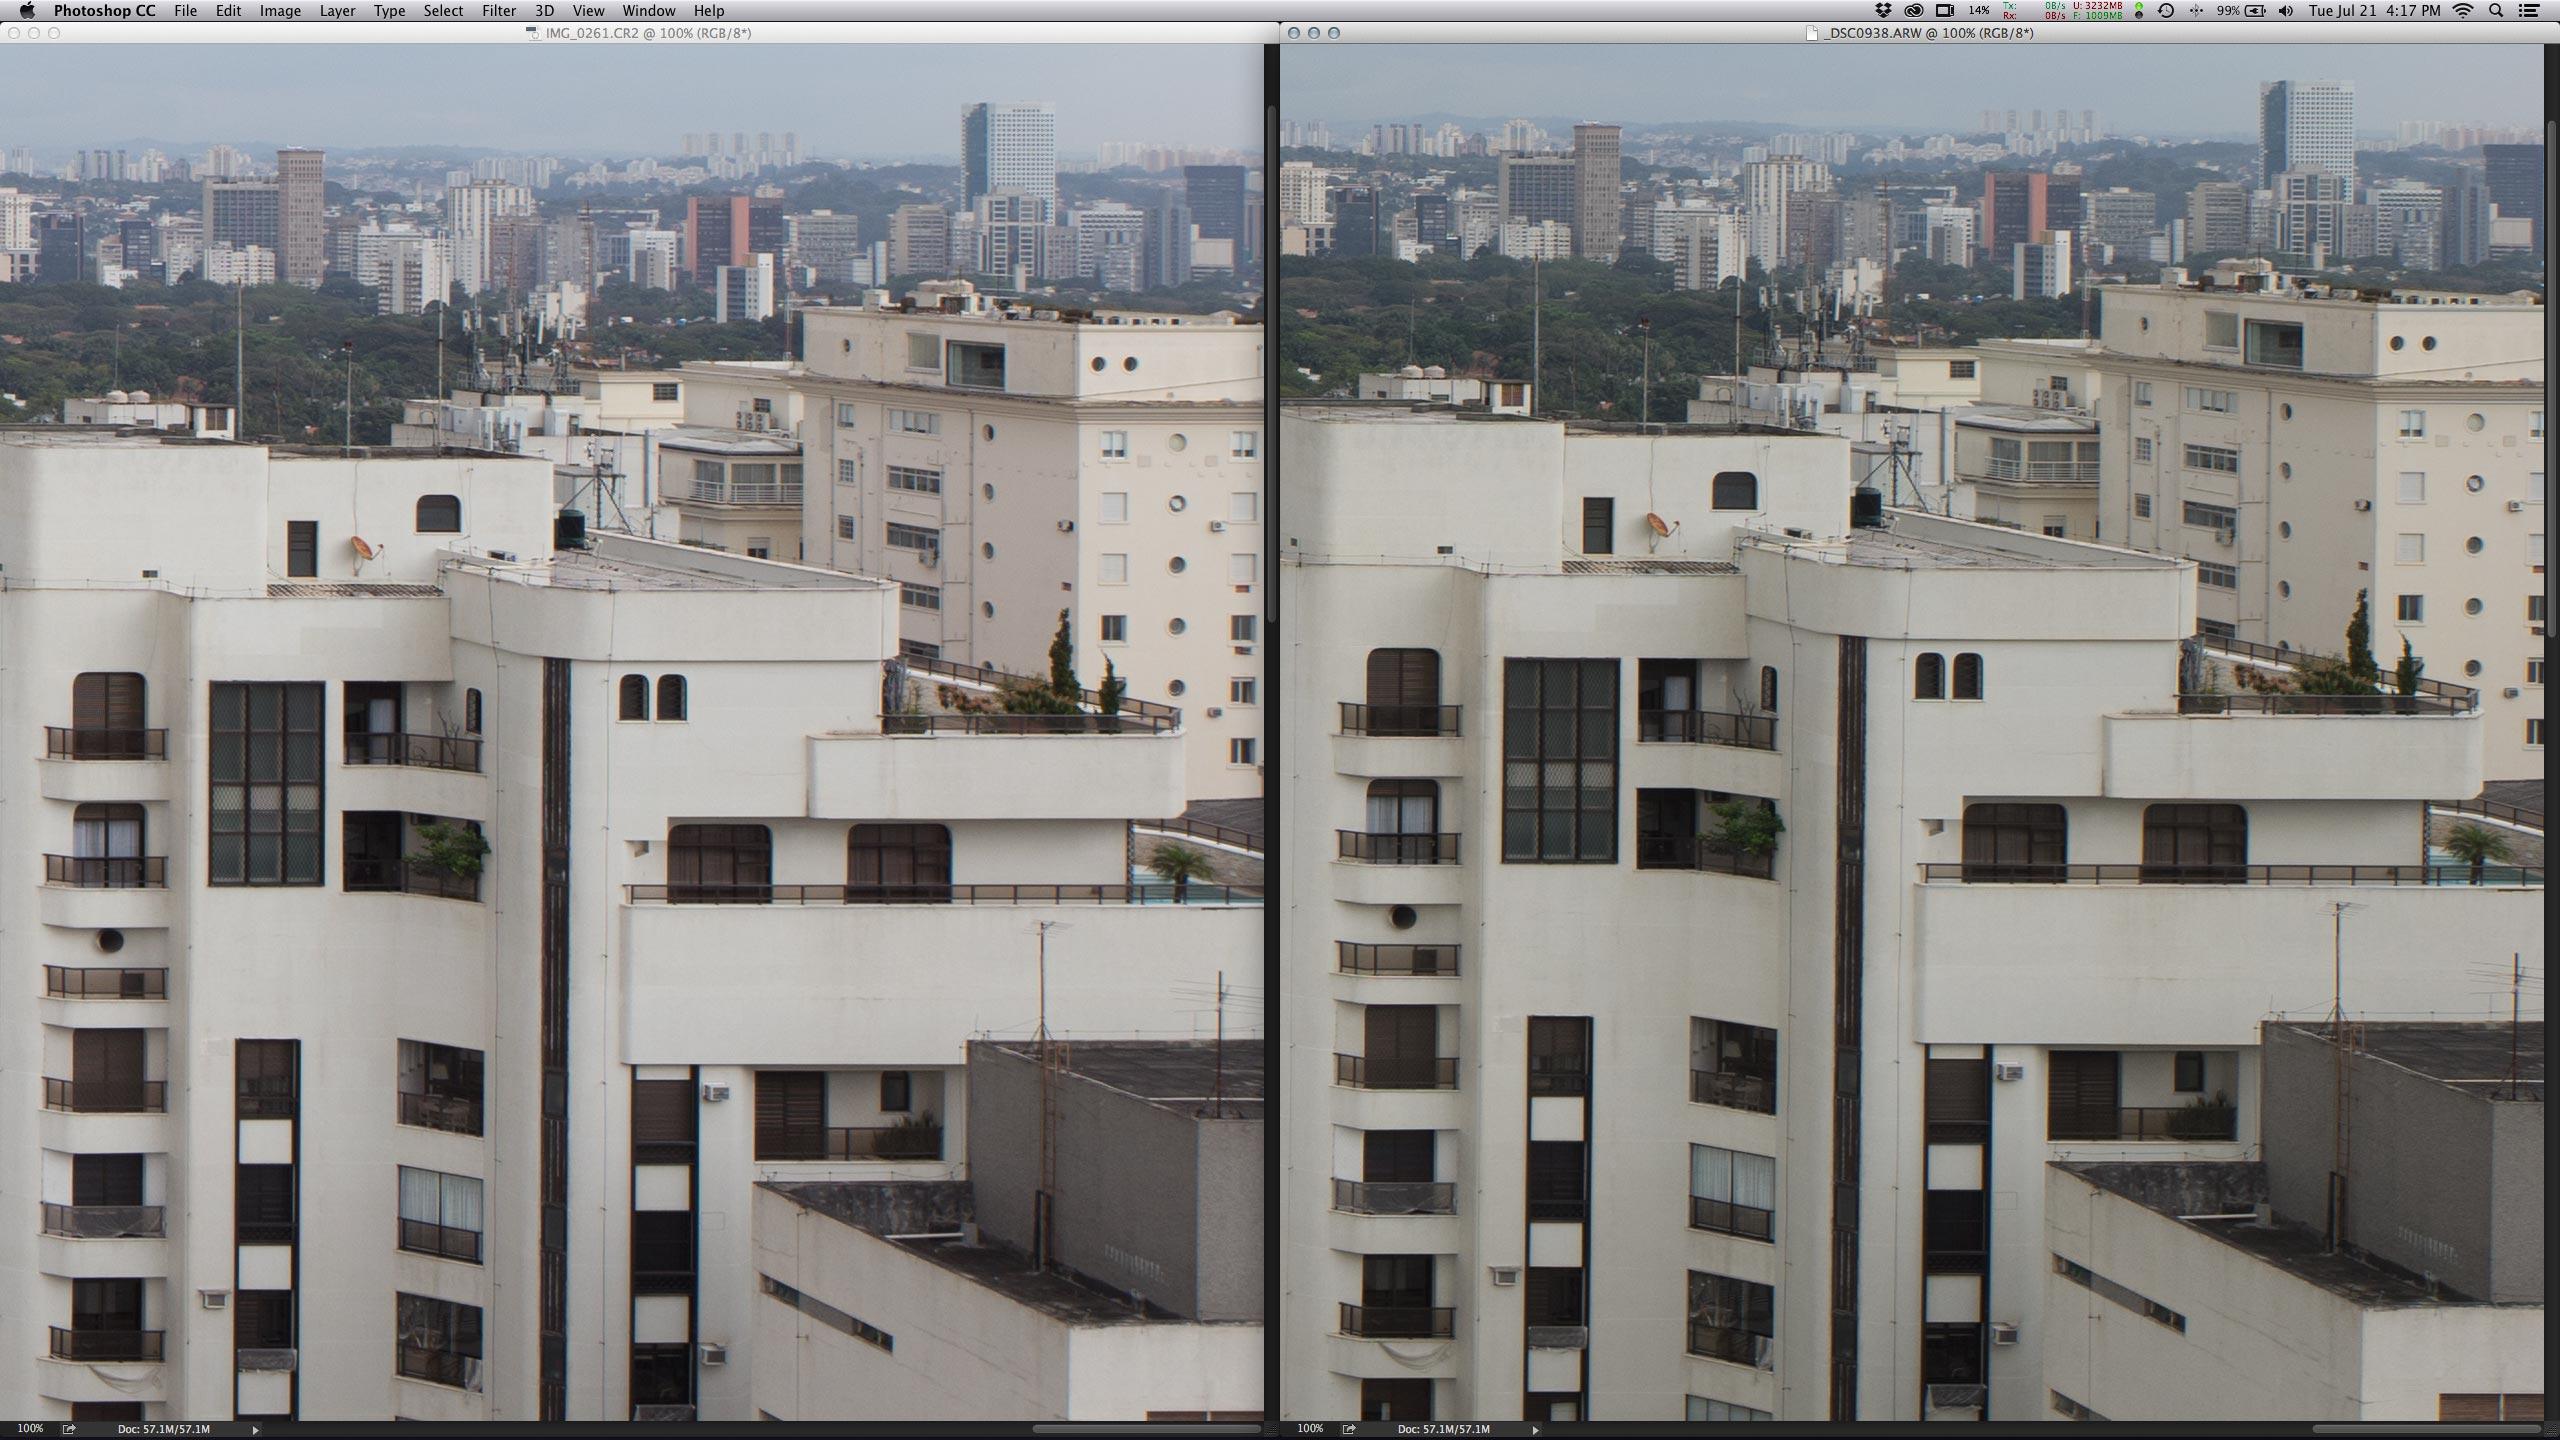 Centro - Os dois arquivos são virtualmente idênticos, sem vantagens e desvantagens.